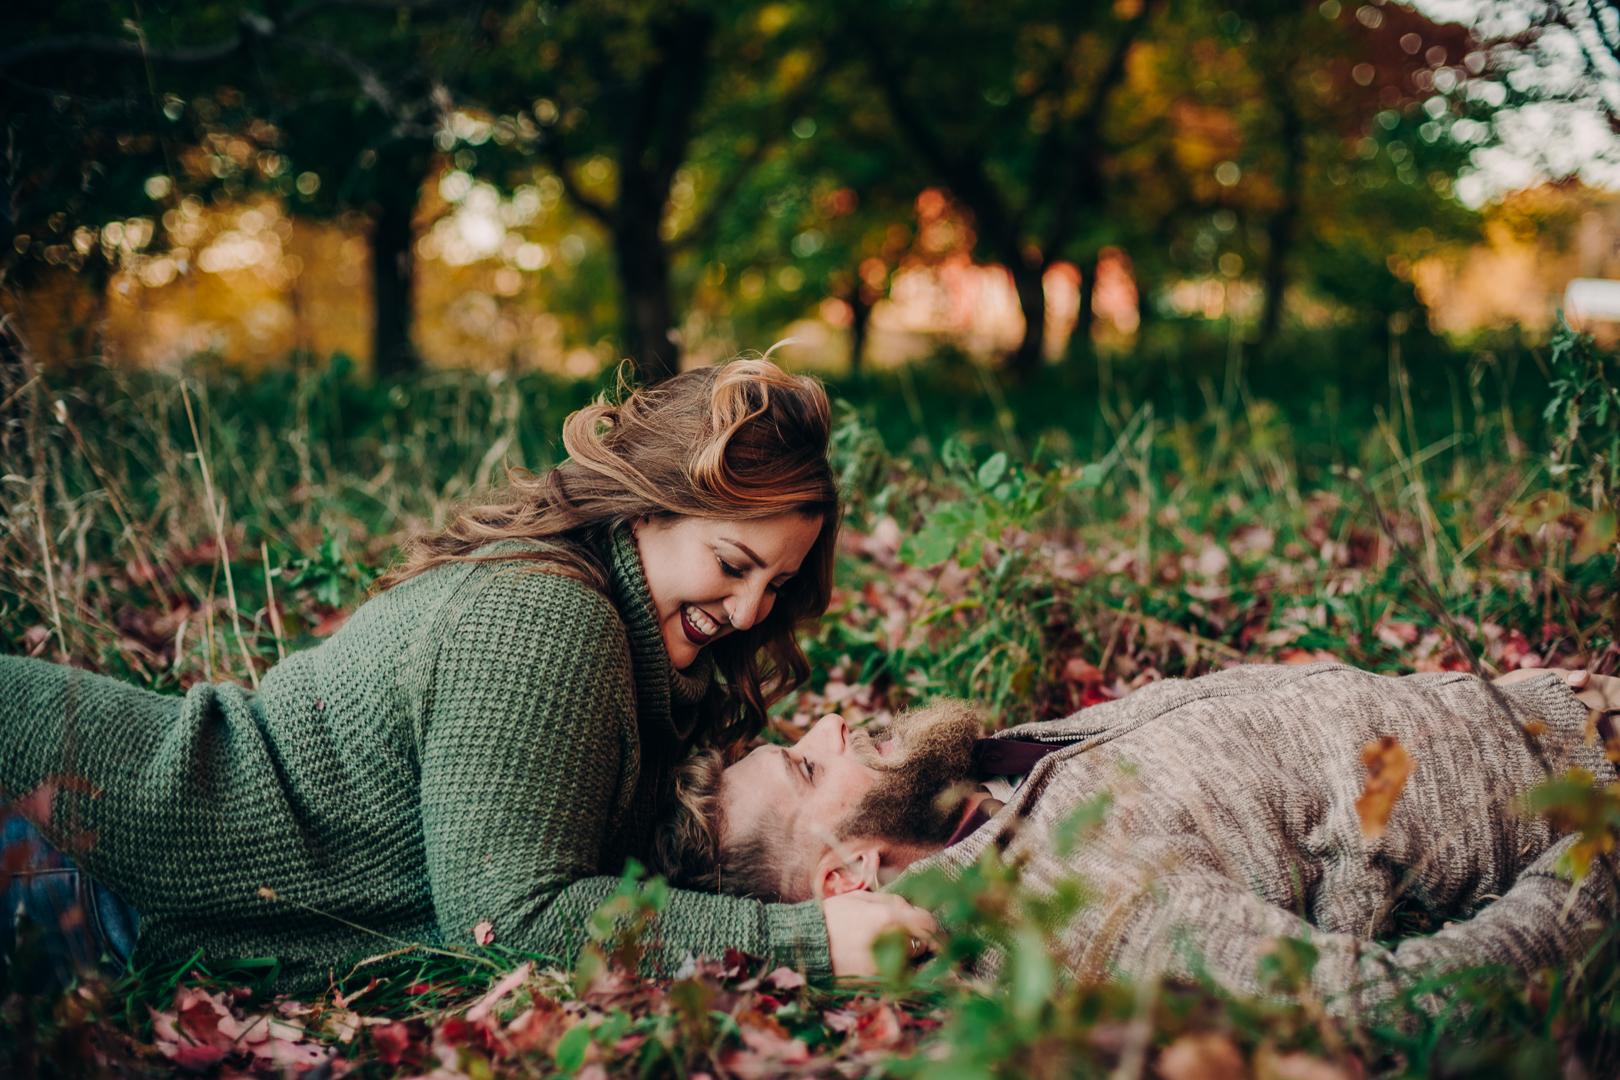 TerraSuraPhotography-Danielle & Ryan Engagemen-Web-7822.jpg